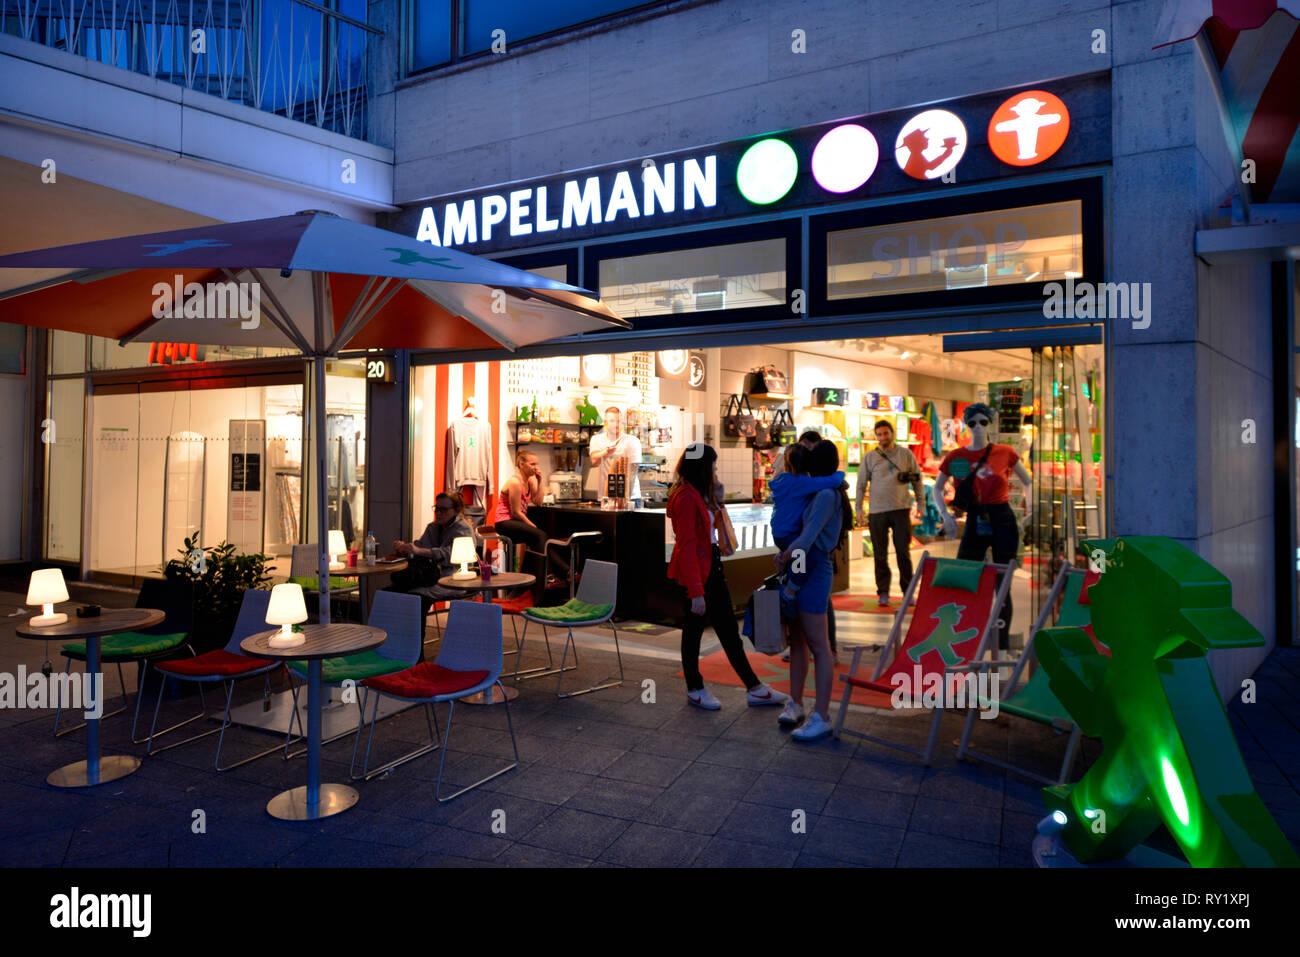 Ampelmann, Neues Kranzlereck, Kurfürstendamm, Charlottenburg, Berlin, Deutschland Stockfoto